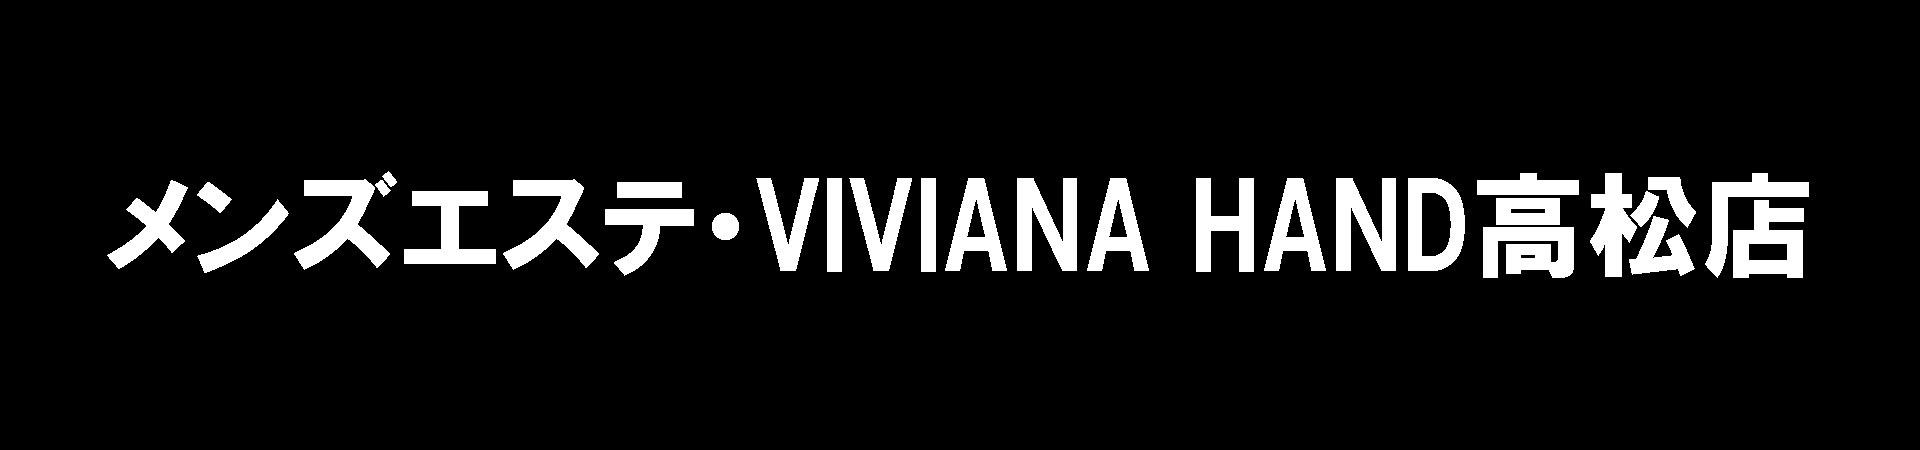 メンズエステ・VIVIANA HAND高松店